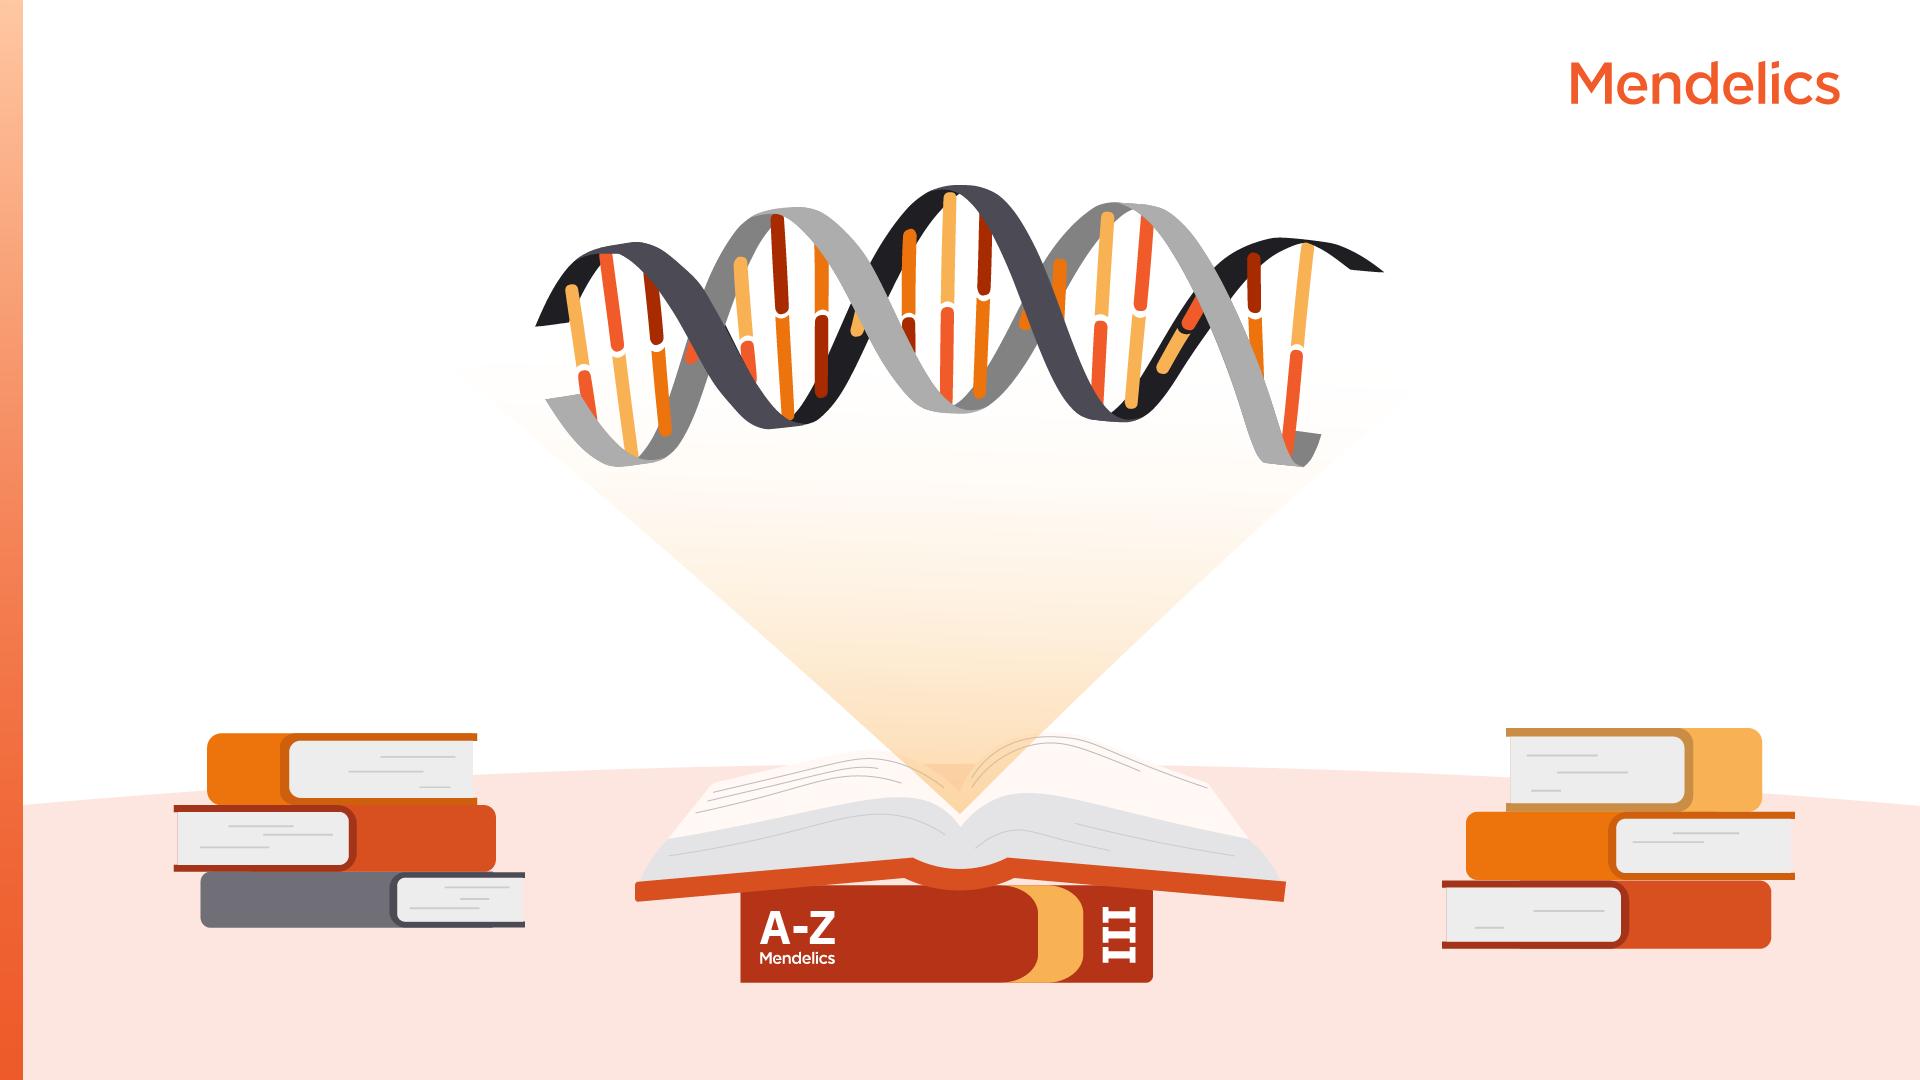 glossário de termos genéticos - entenda sobre variantes genéticas